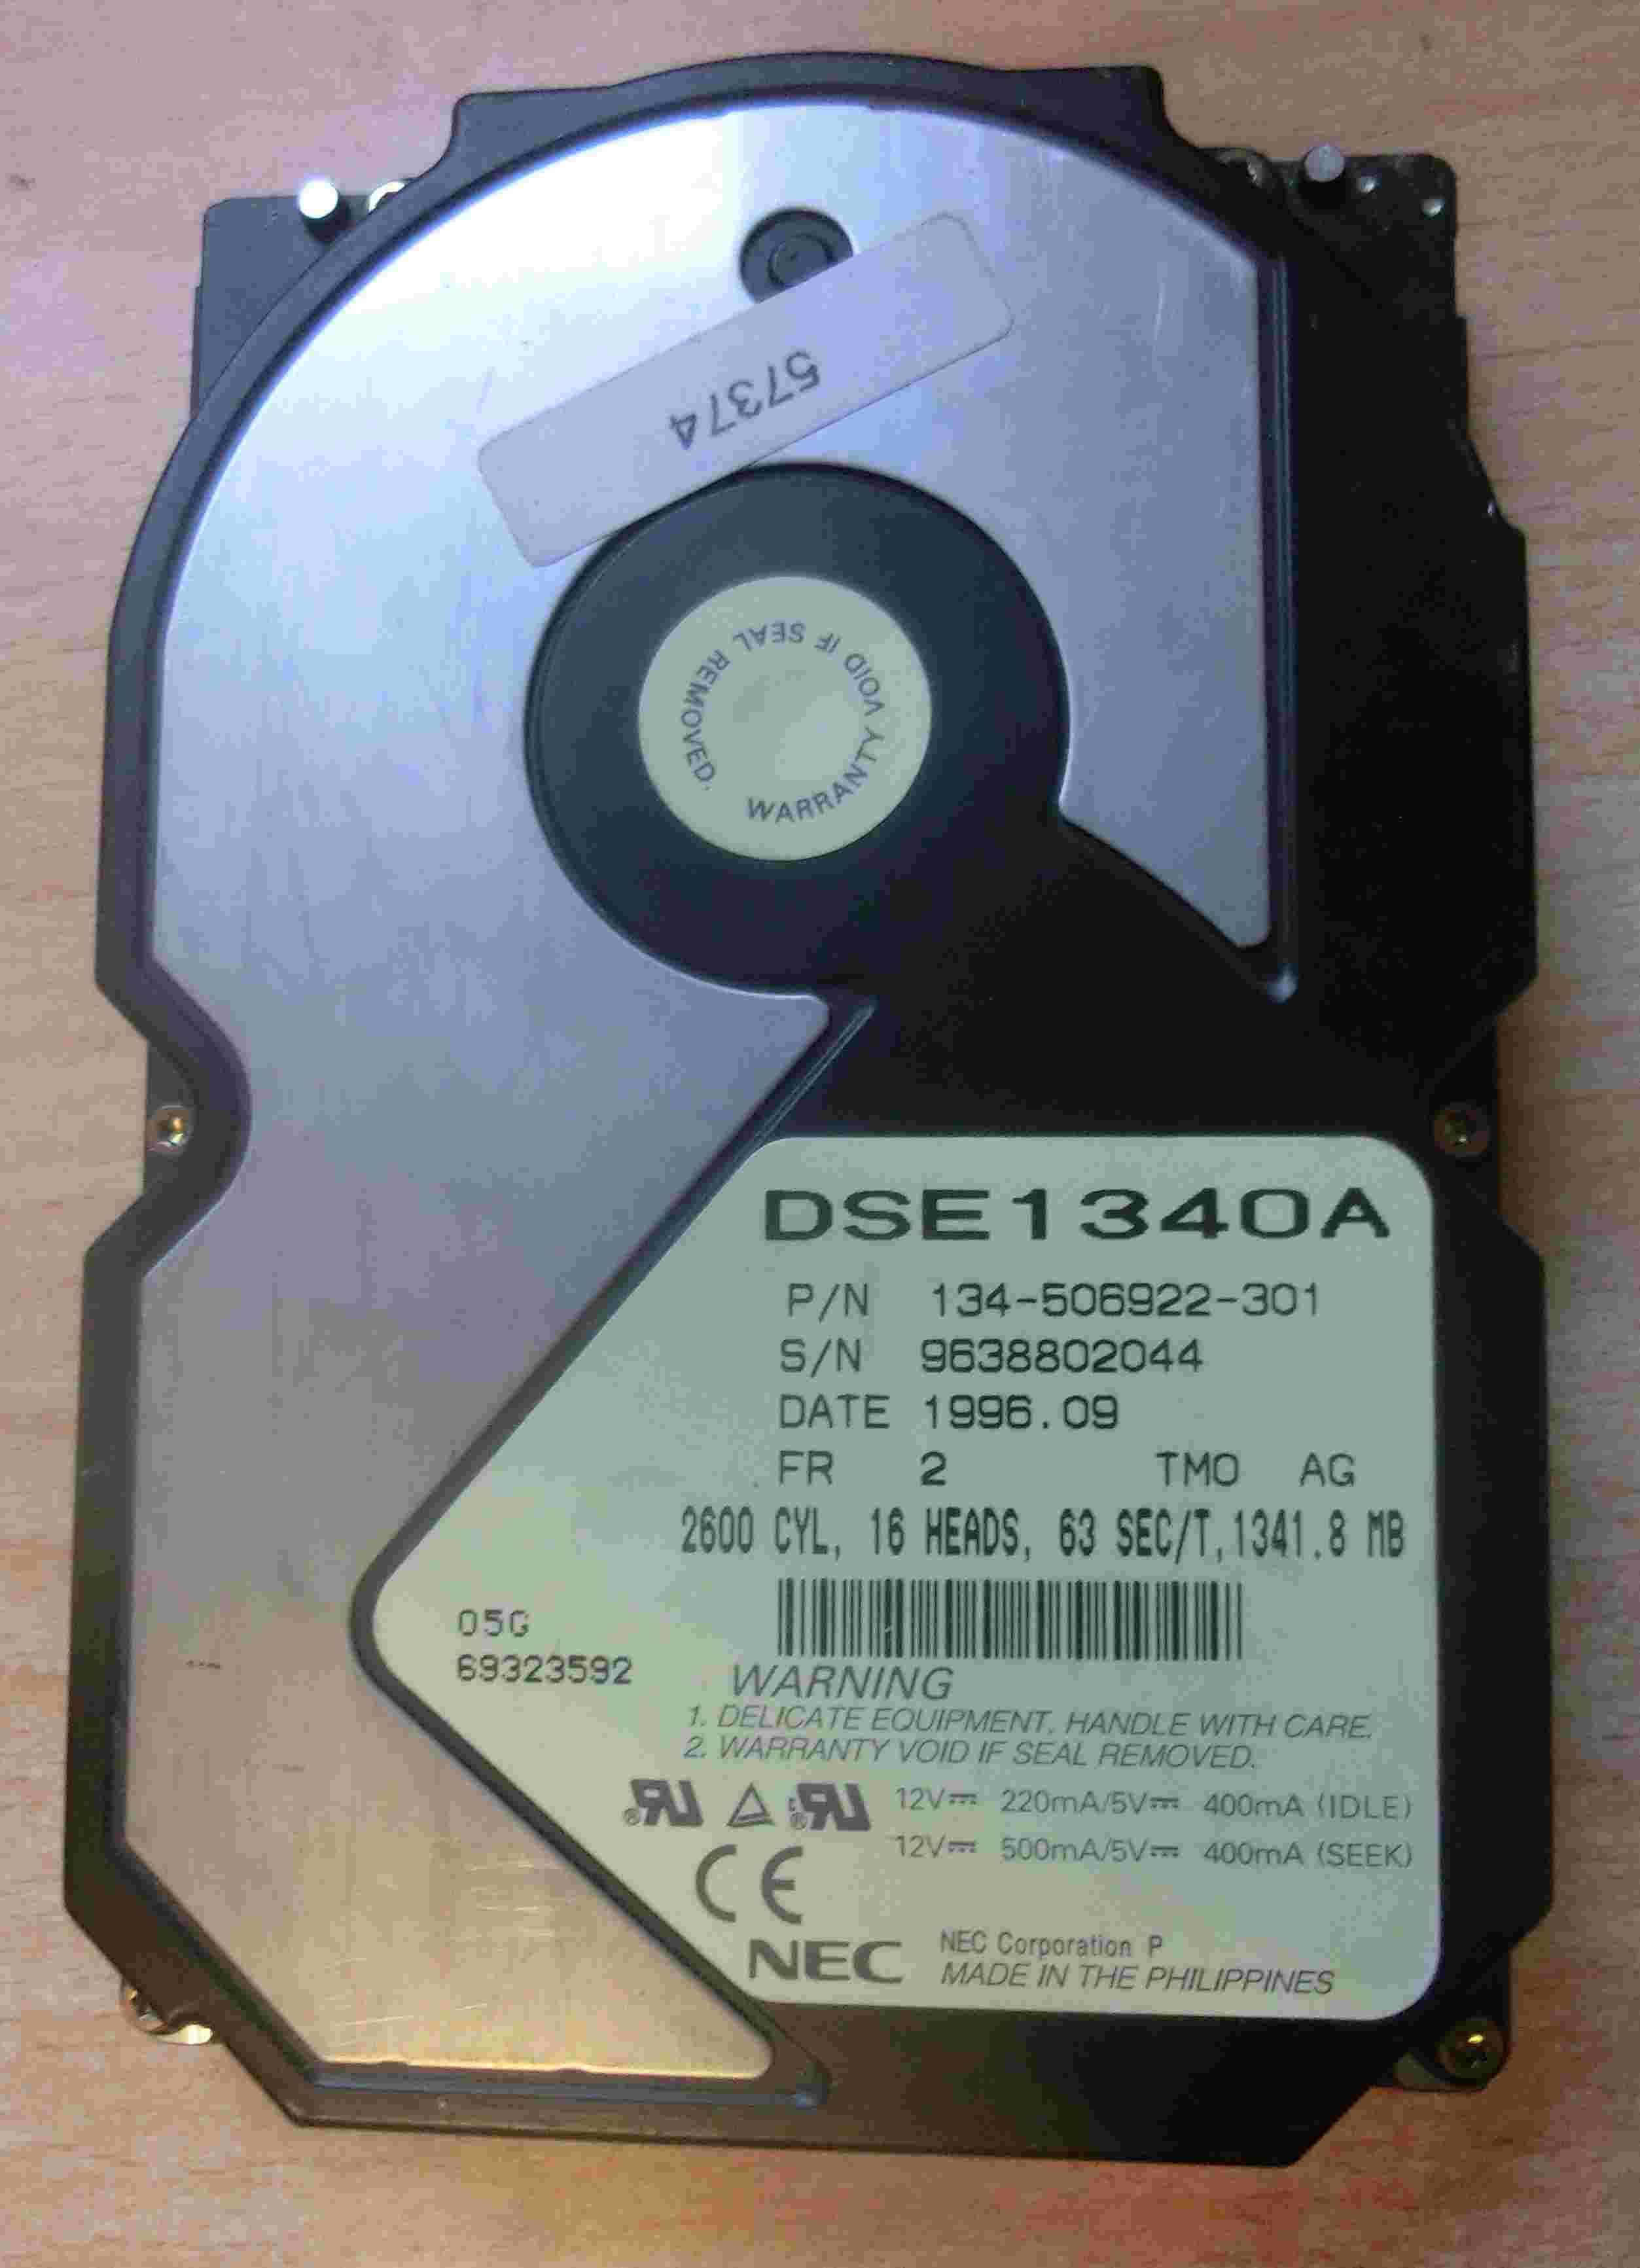 Klicken Sie auf die Grafik für eine größere Ansicht  Name:NEC 1.3GB.JPG Hits:87 Größe:188,7 KB ID:596540